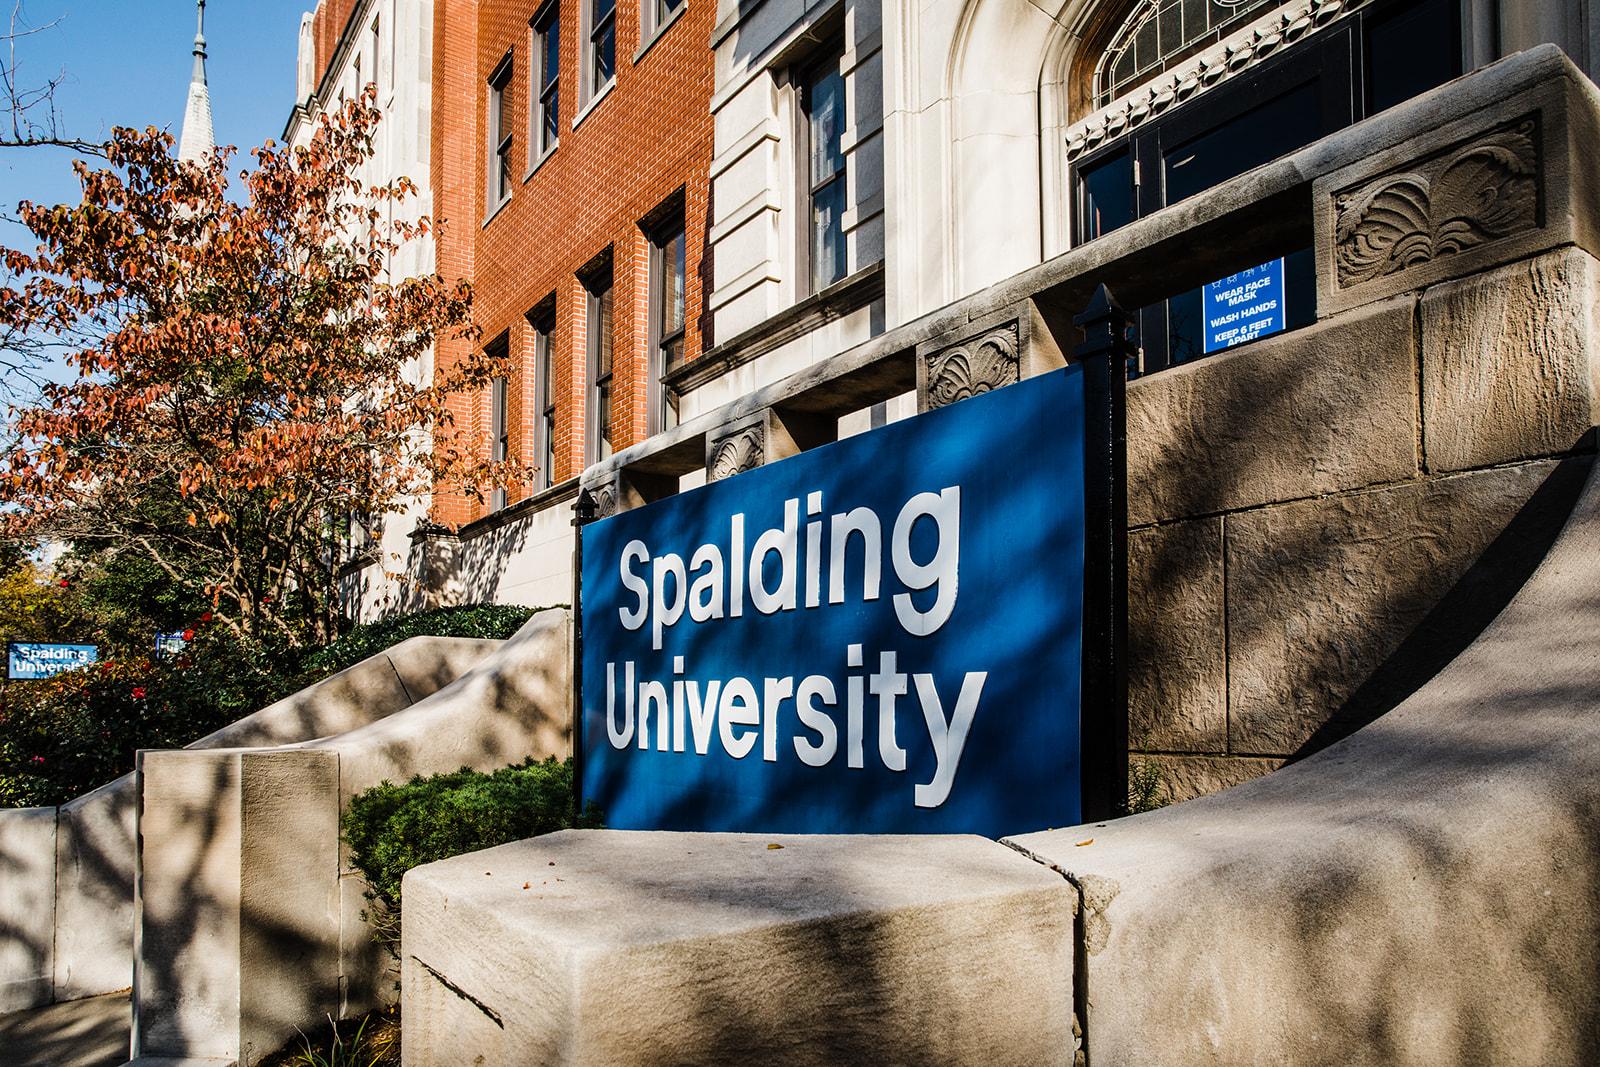 West entrance of Spalding University Mansion